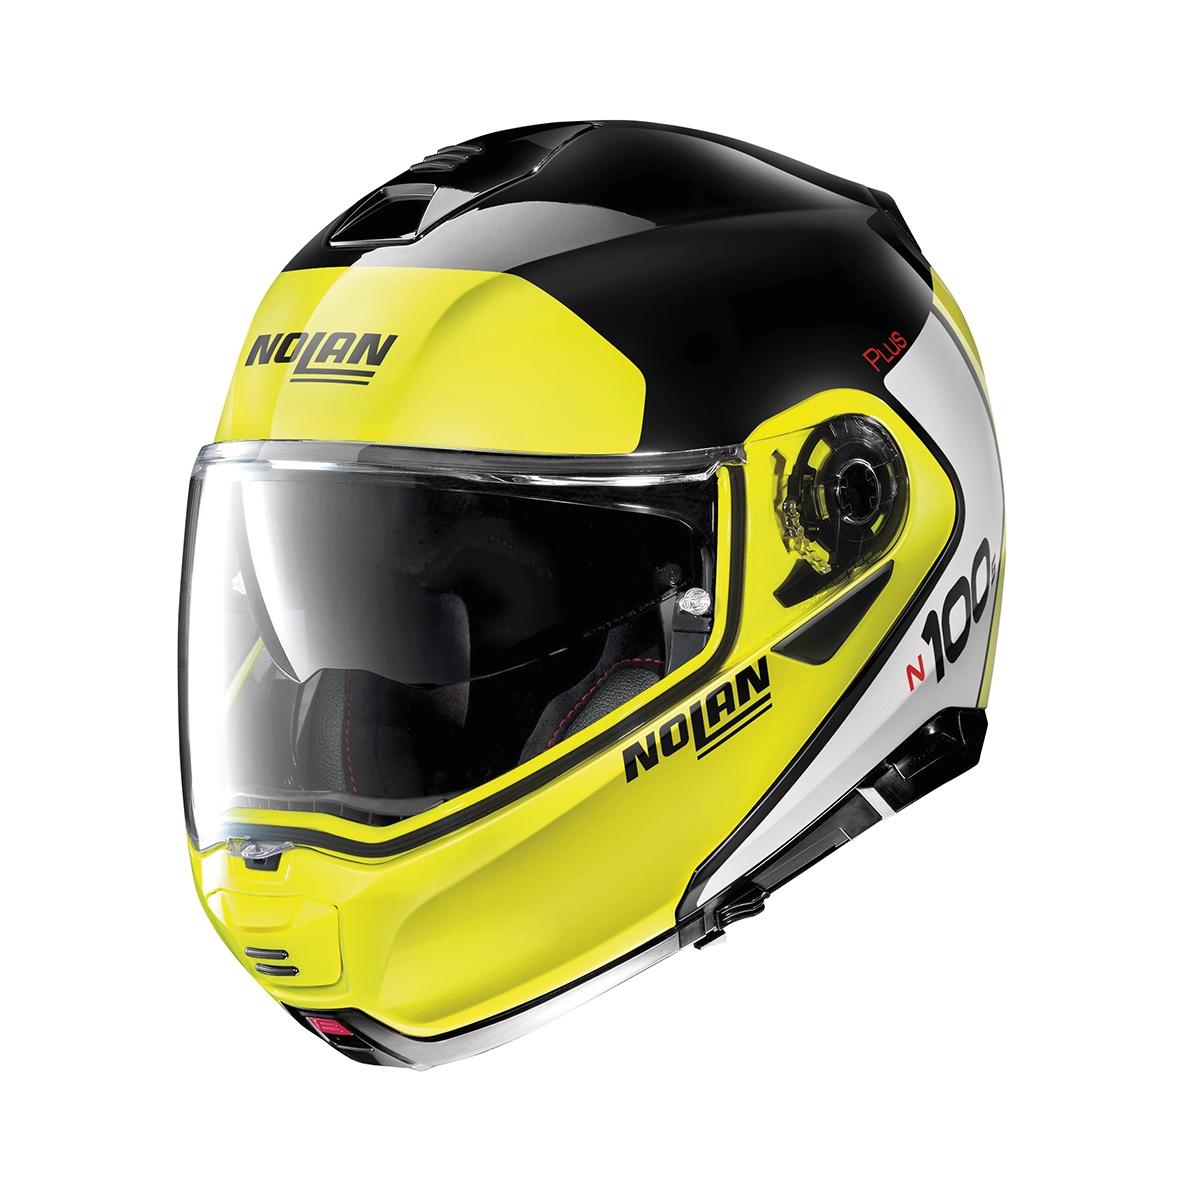 Moto helma Nolan N100-5 Plus Distinctive N-Com Glossy Black 28